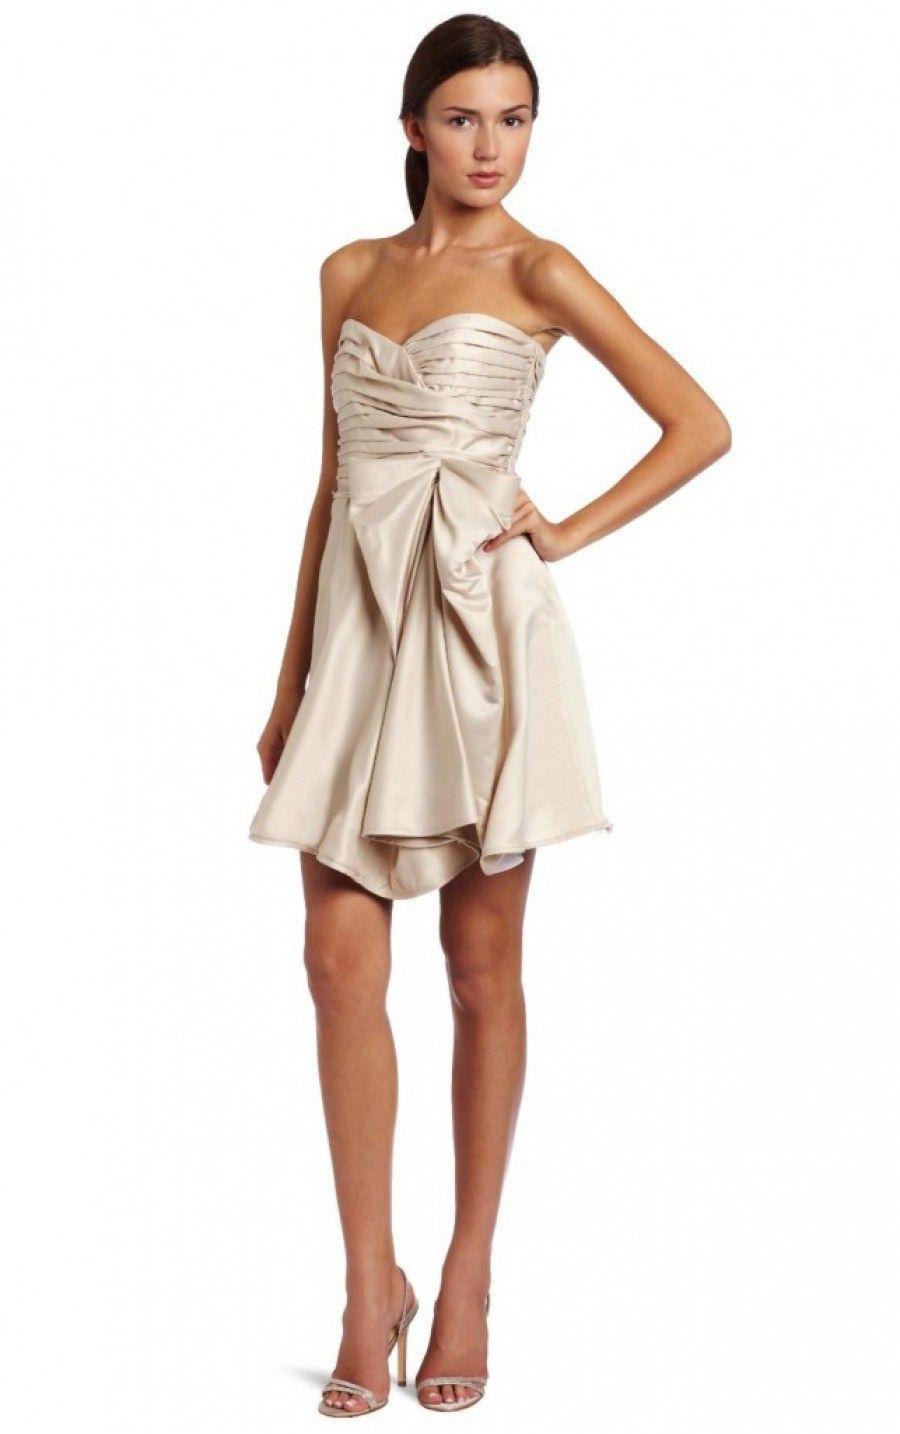 Groß Bridesmaide Kleid Fotos - Hochzeit Kleid Stile Ideen ...